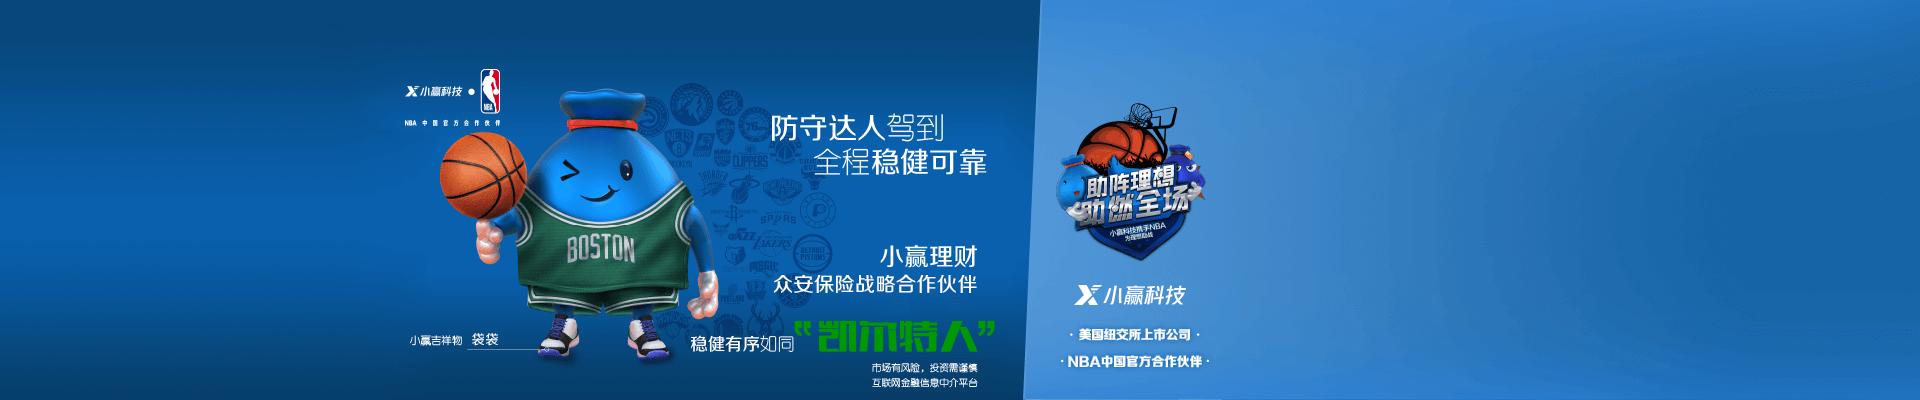 小赢科技&NBA合作